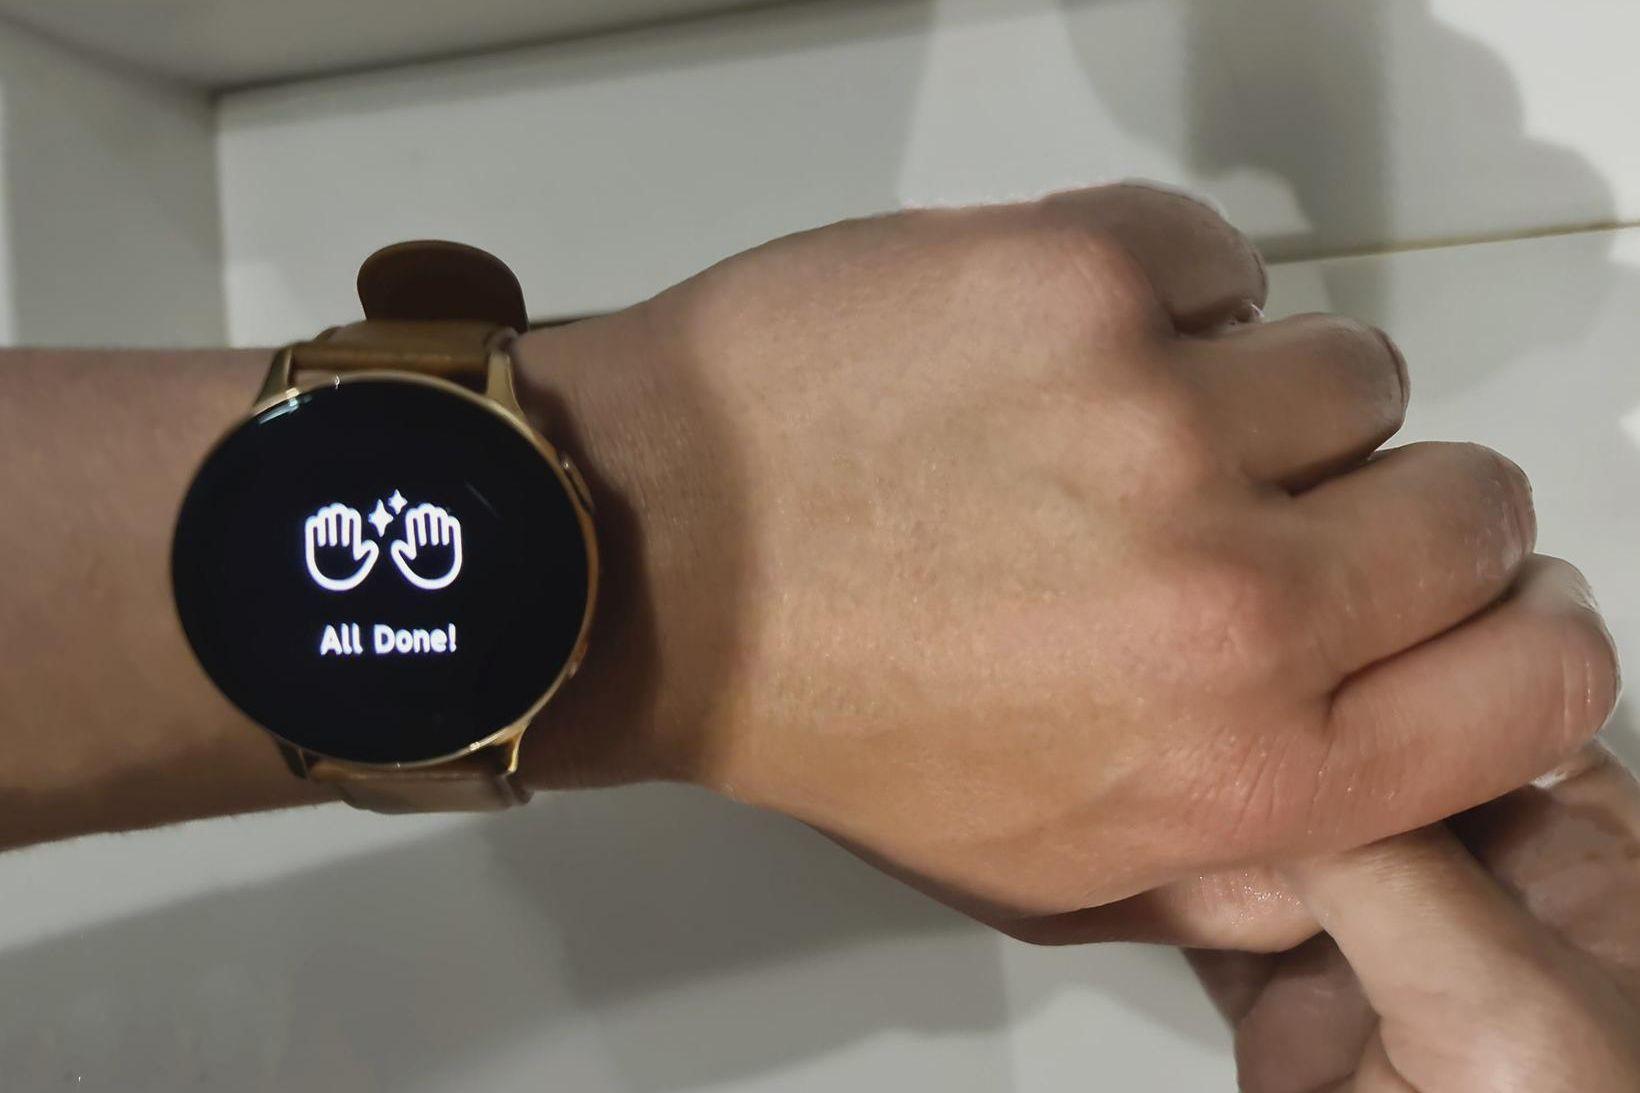 Samsung hefur þróað nýtt app sem hjálpar til við handþvott.